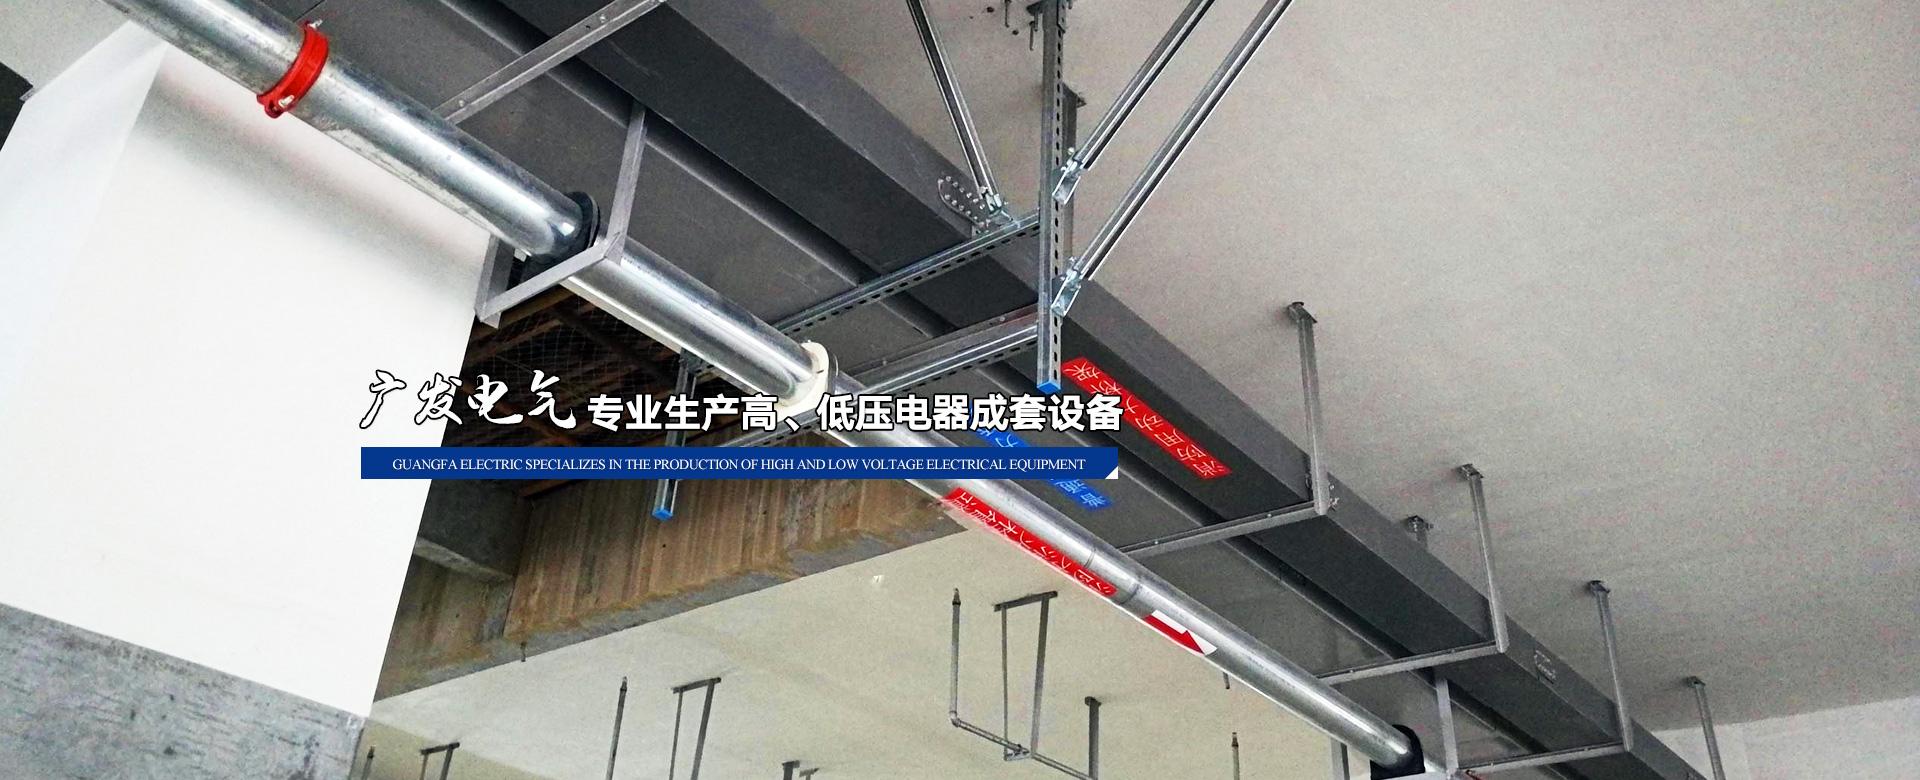 北京广发科技有限公司2